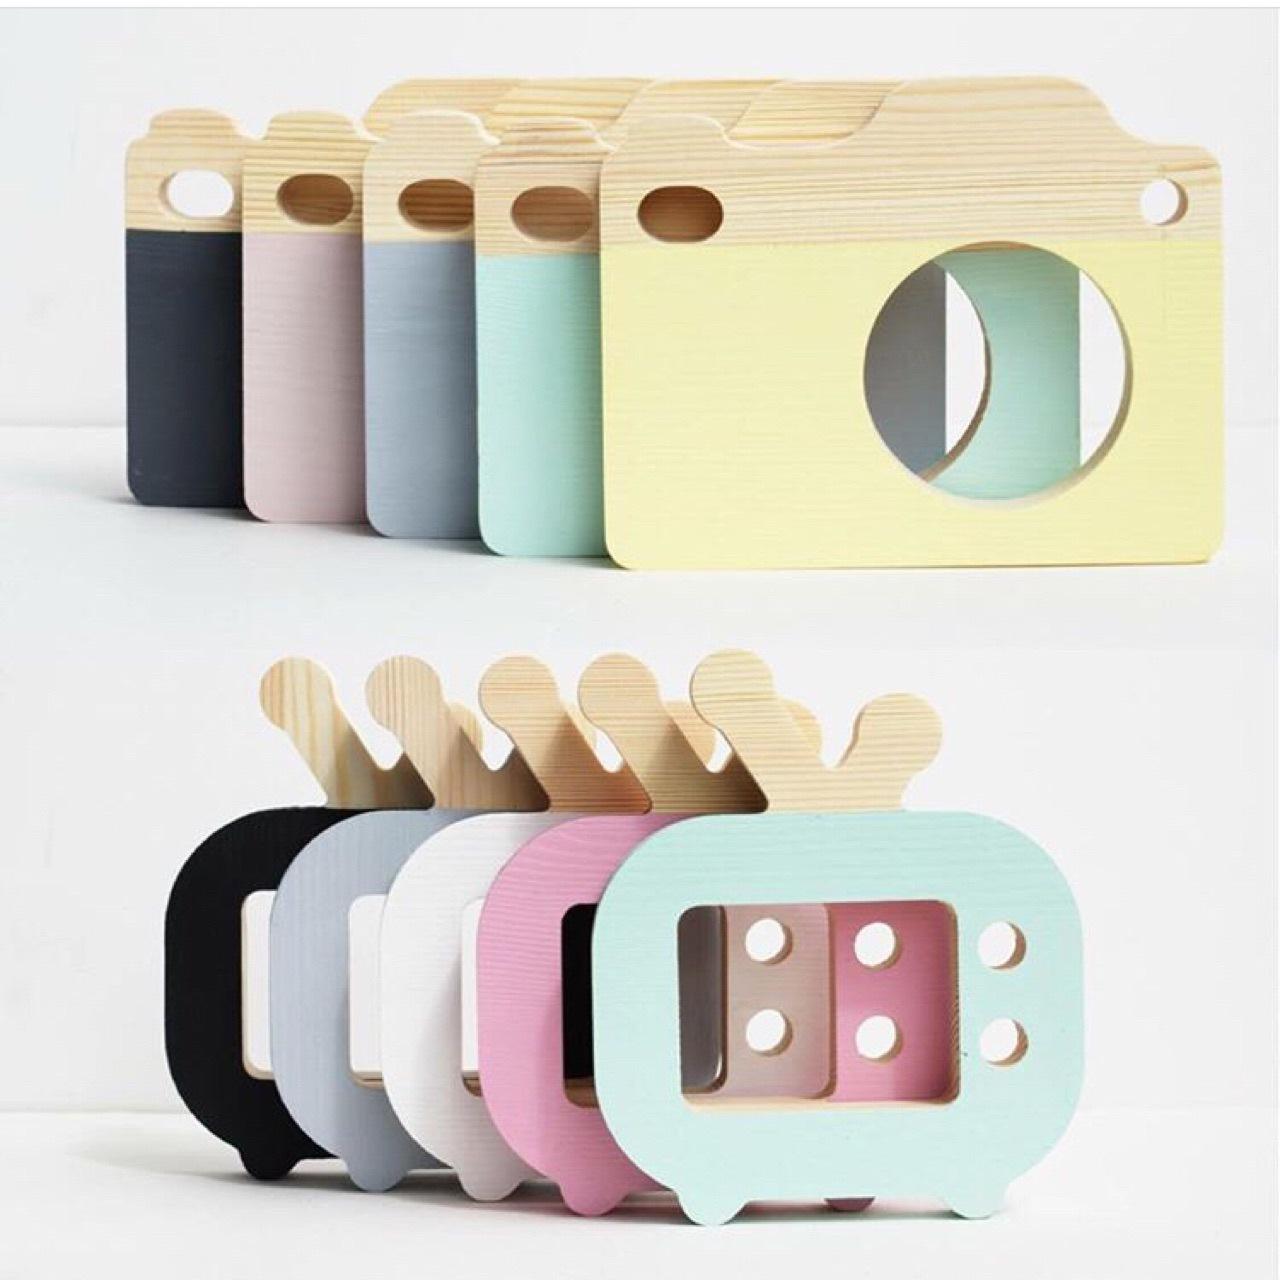 爆款木质相机玩具摆件创意儿童房童装店装饰摄影拍照道具